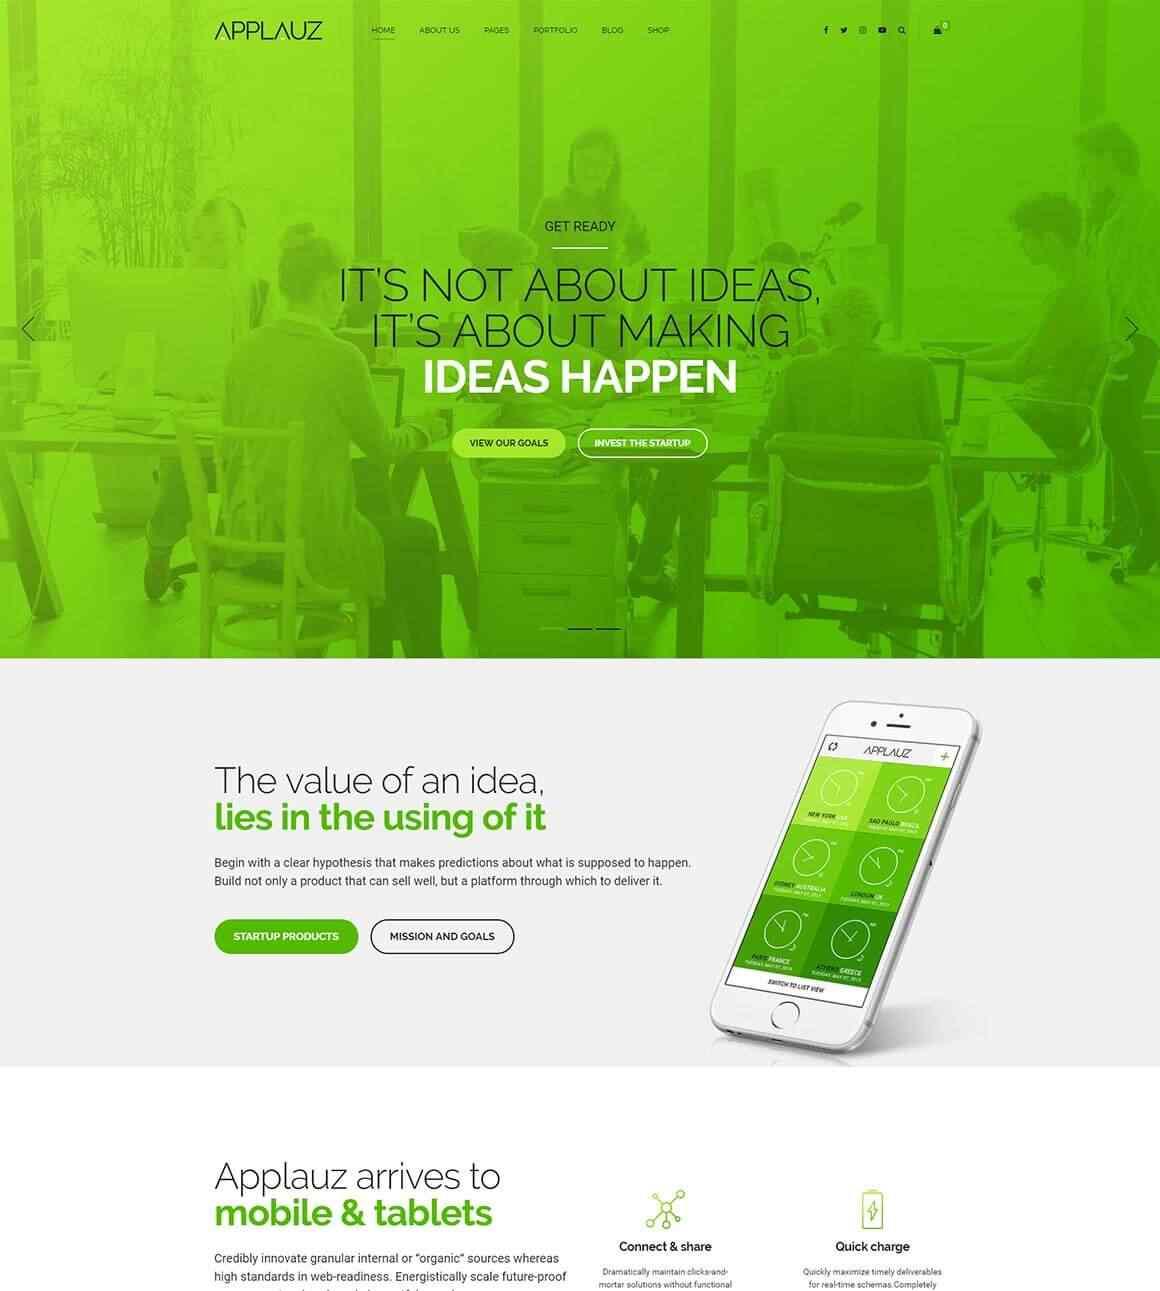 http://www.entoprot.com/wp-content/uploads/2017/11/Screenshot-Startup.jpg